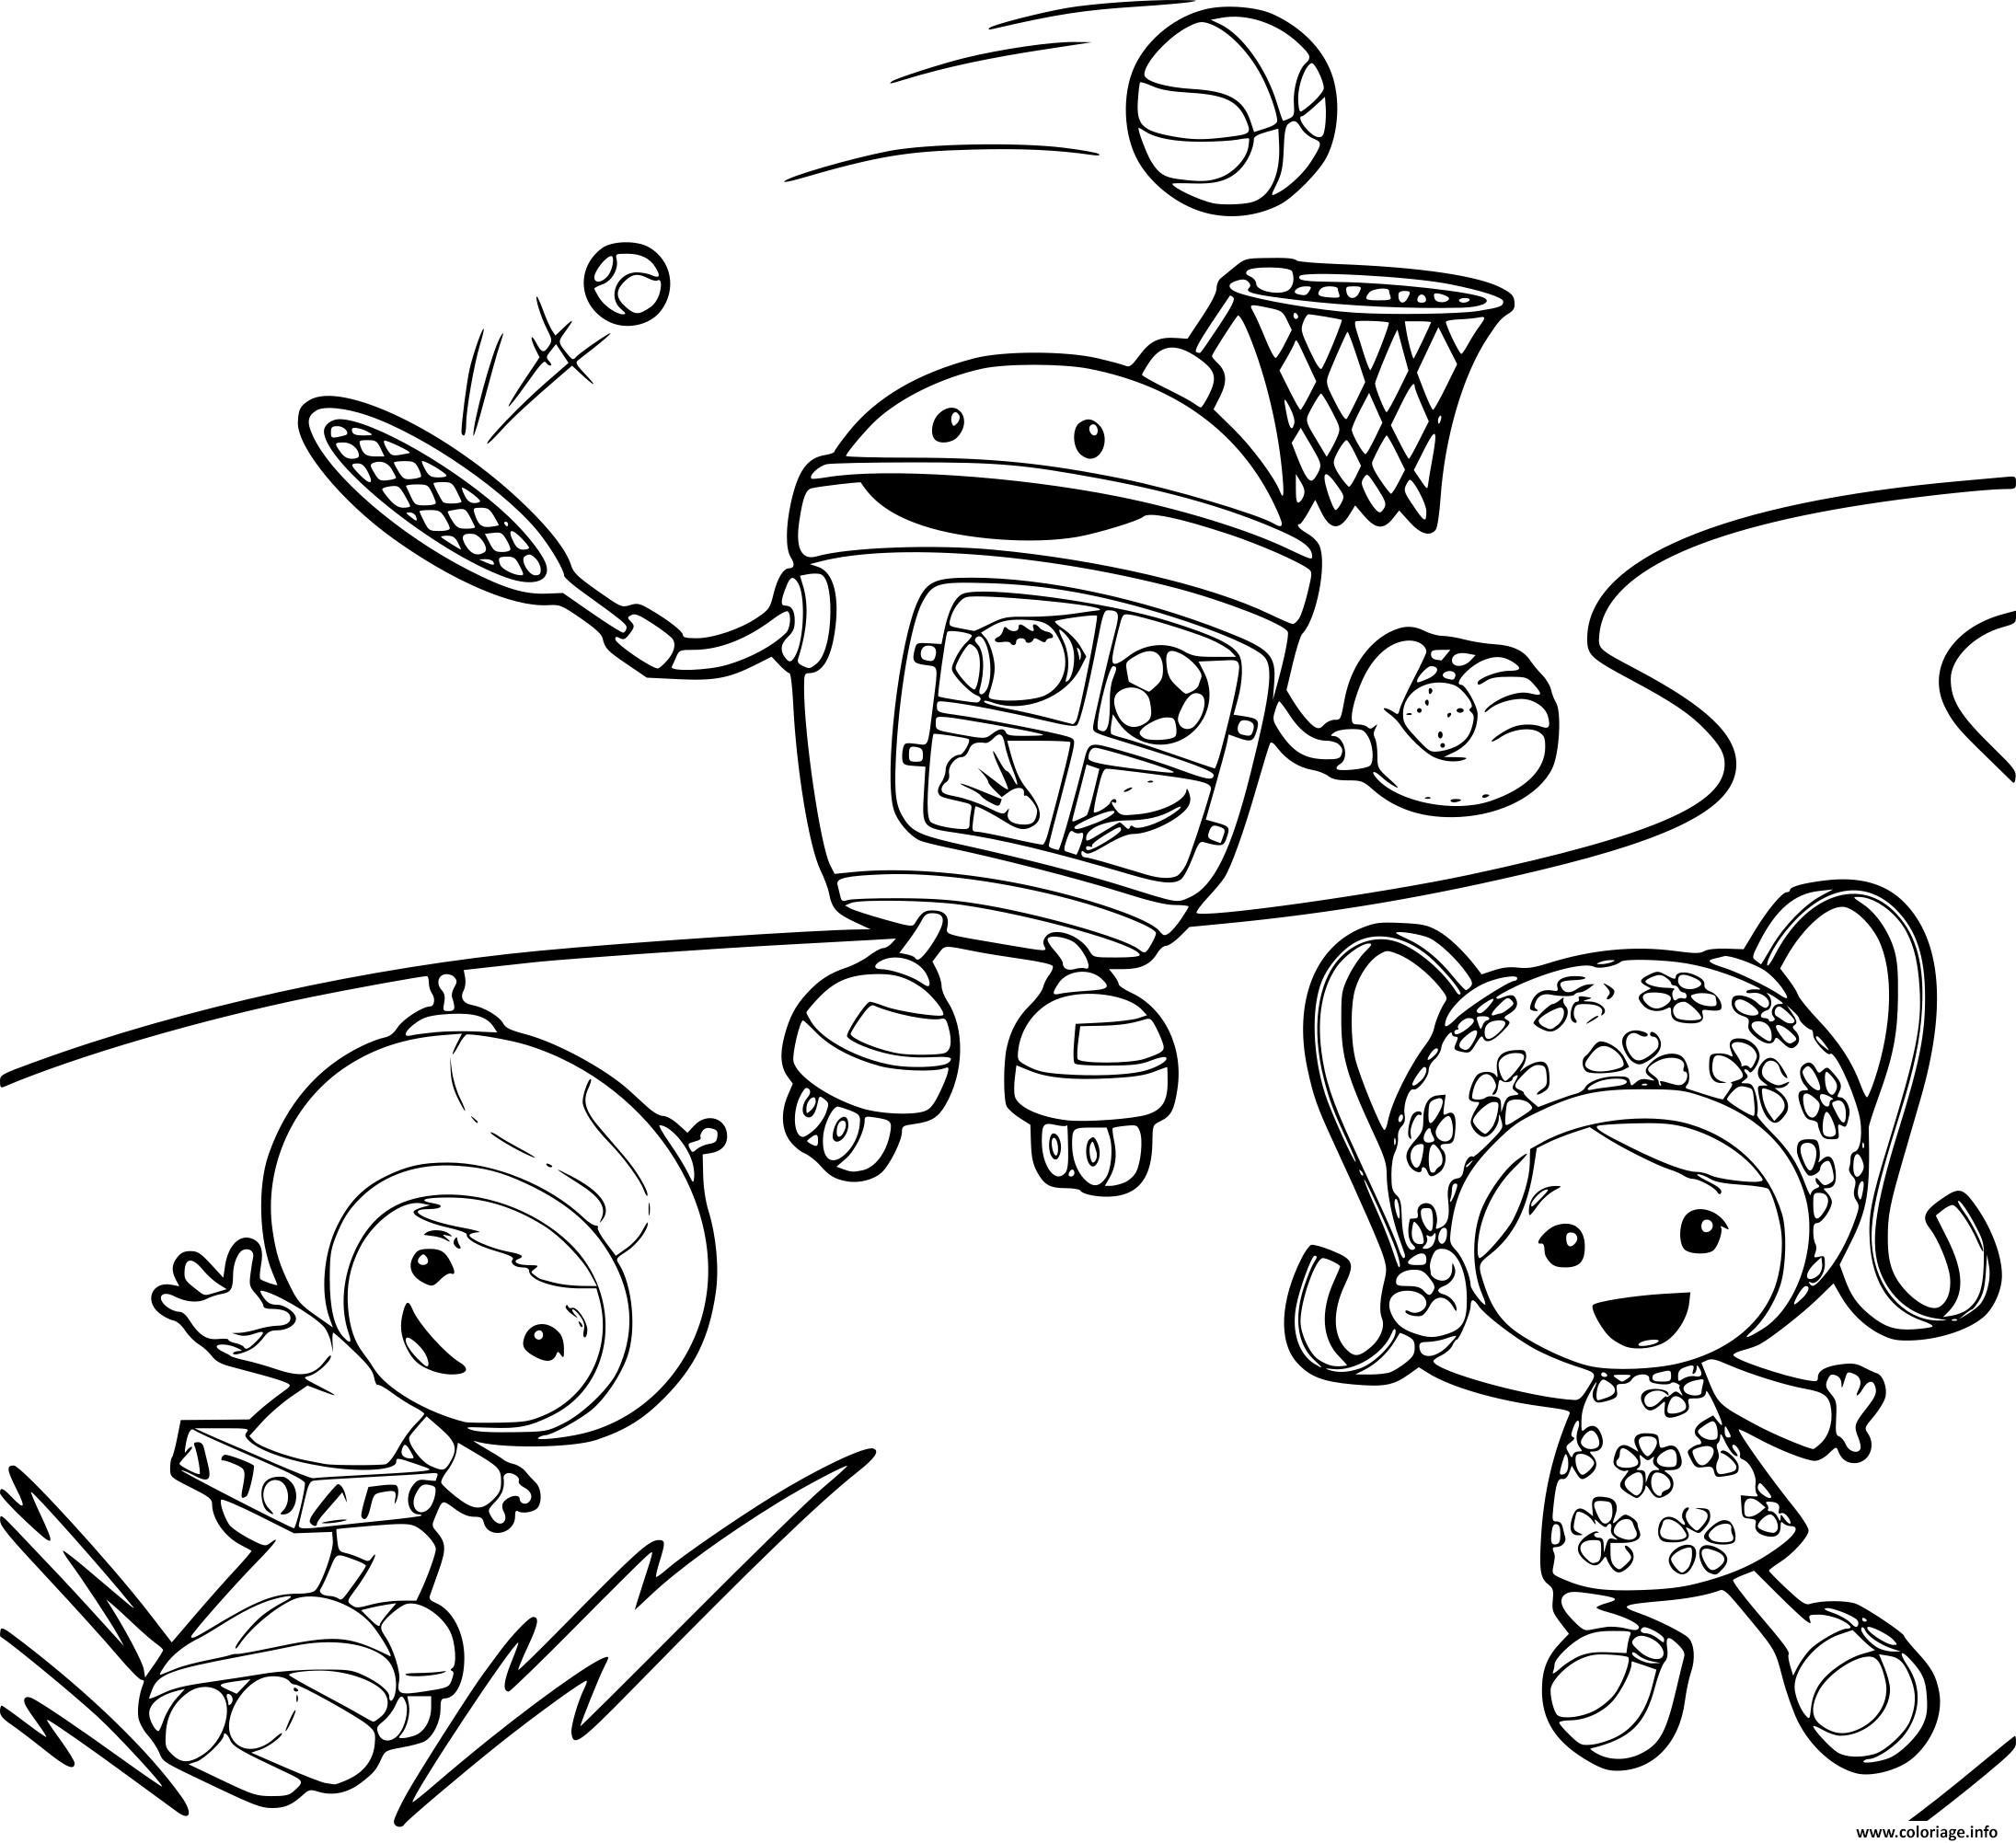 Coloriage umizoomi font du sports dessin - Jeux de umizoomi ...